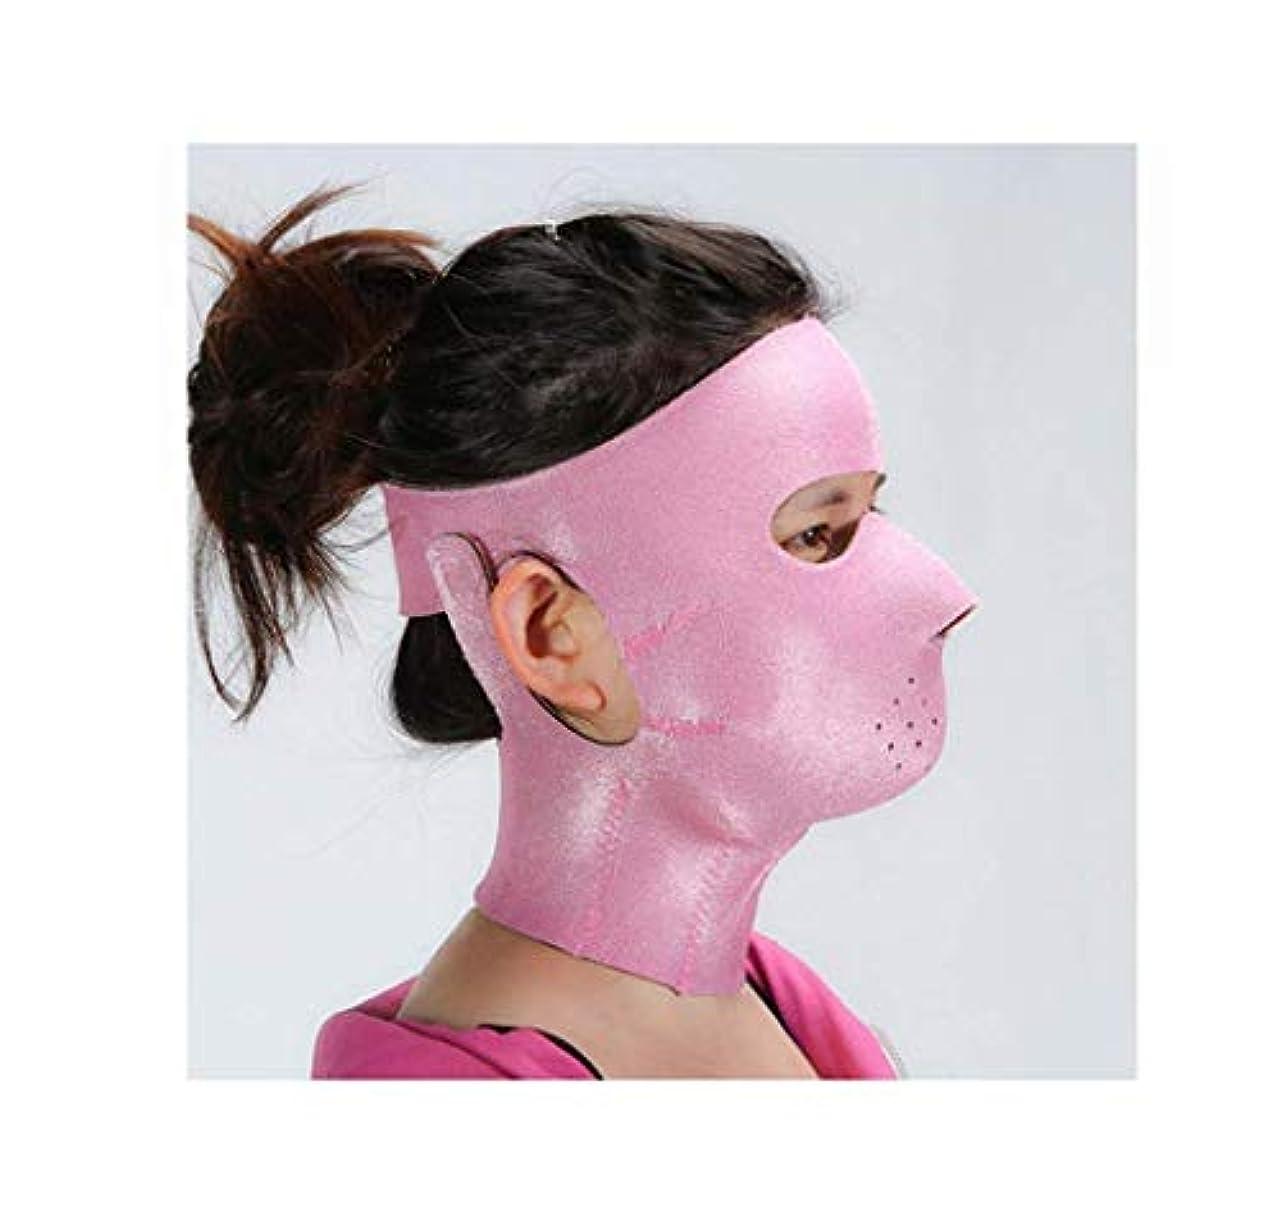 組み合わせ捧げる手錠フェイスリフトマスク、フェイシャルマスクプラス薄いフェイスマスクタイトなたるみの薄いフェイスマスクフェイシャル薄いフェイスマスクアーティファクトビューティーネックストラップ付き